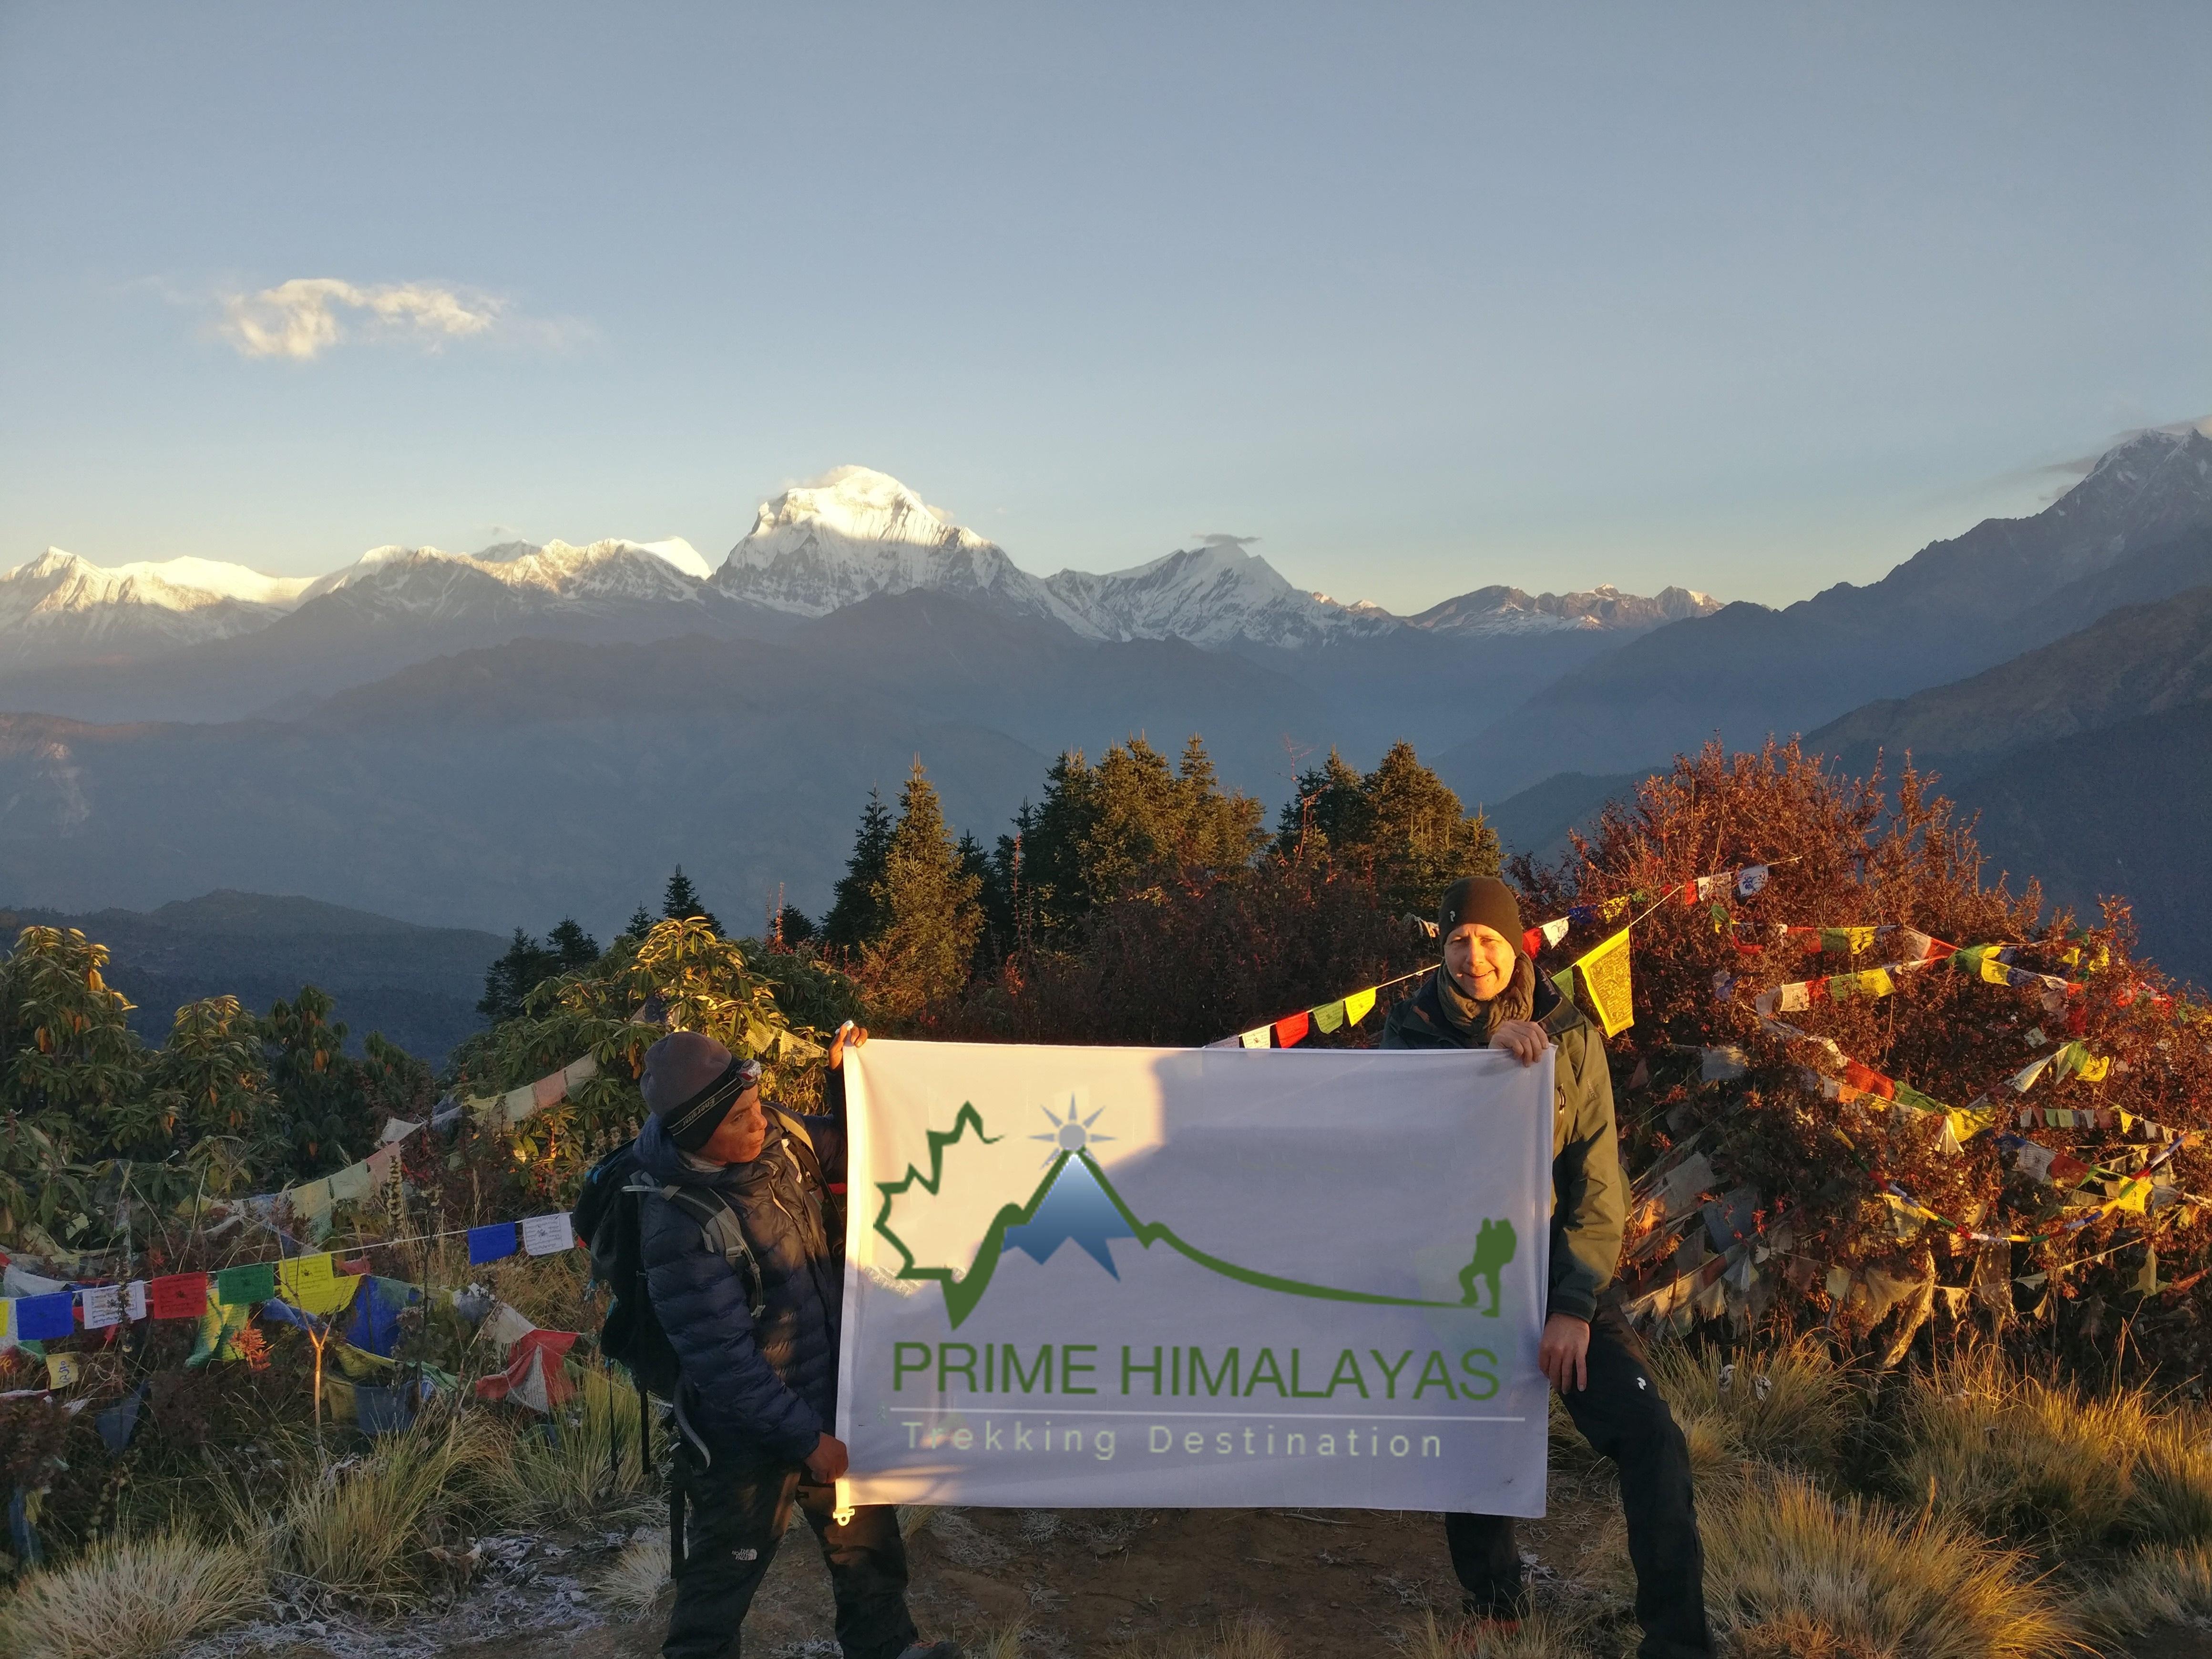 Prime Himalayas